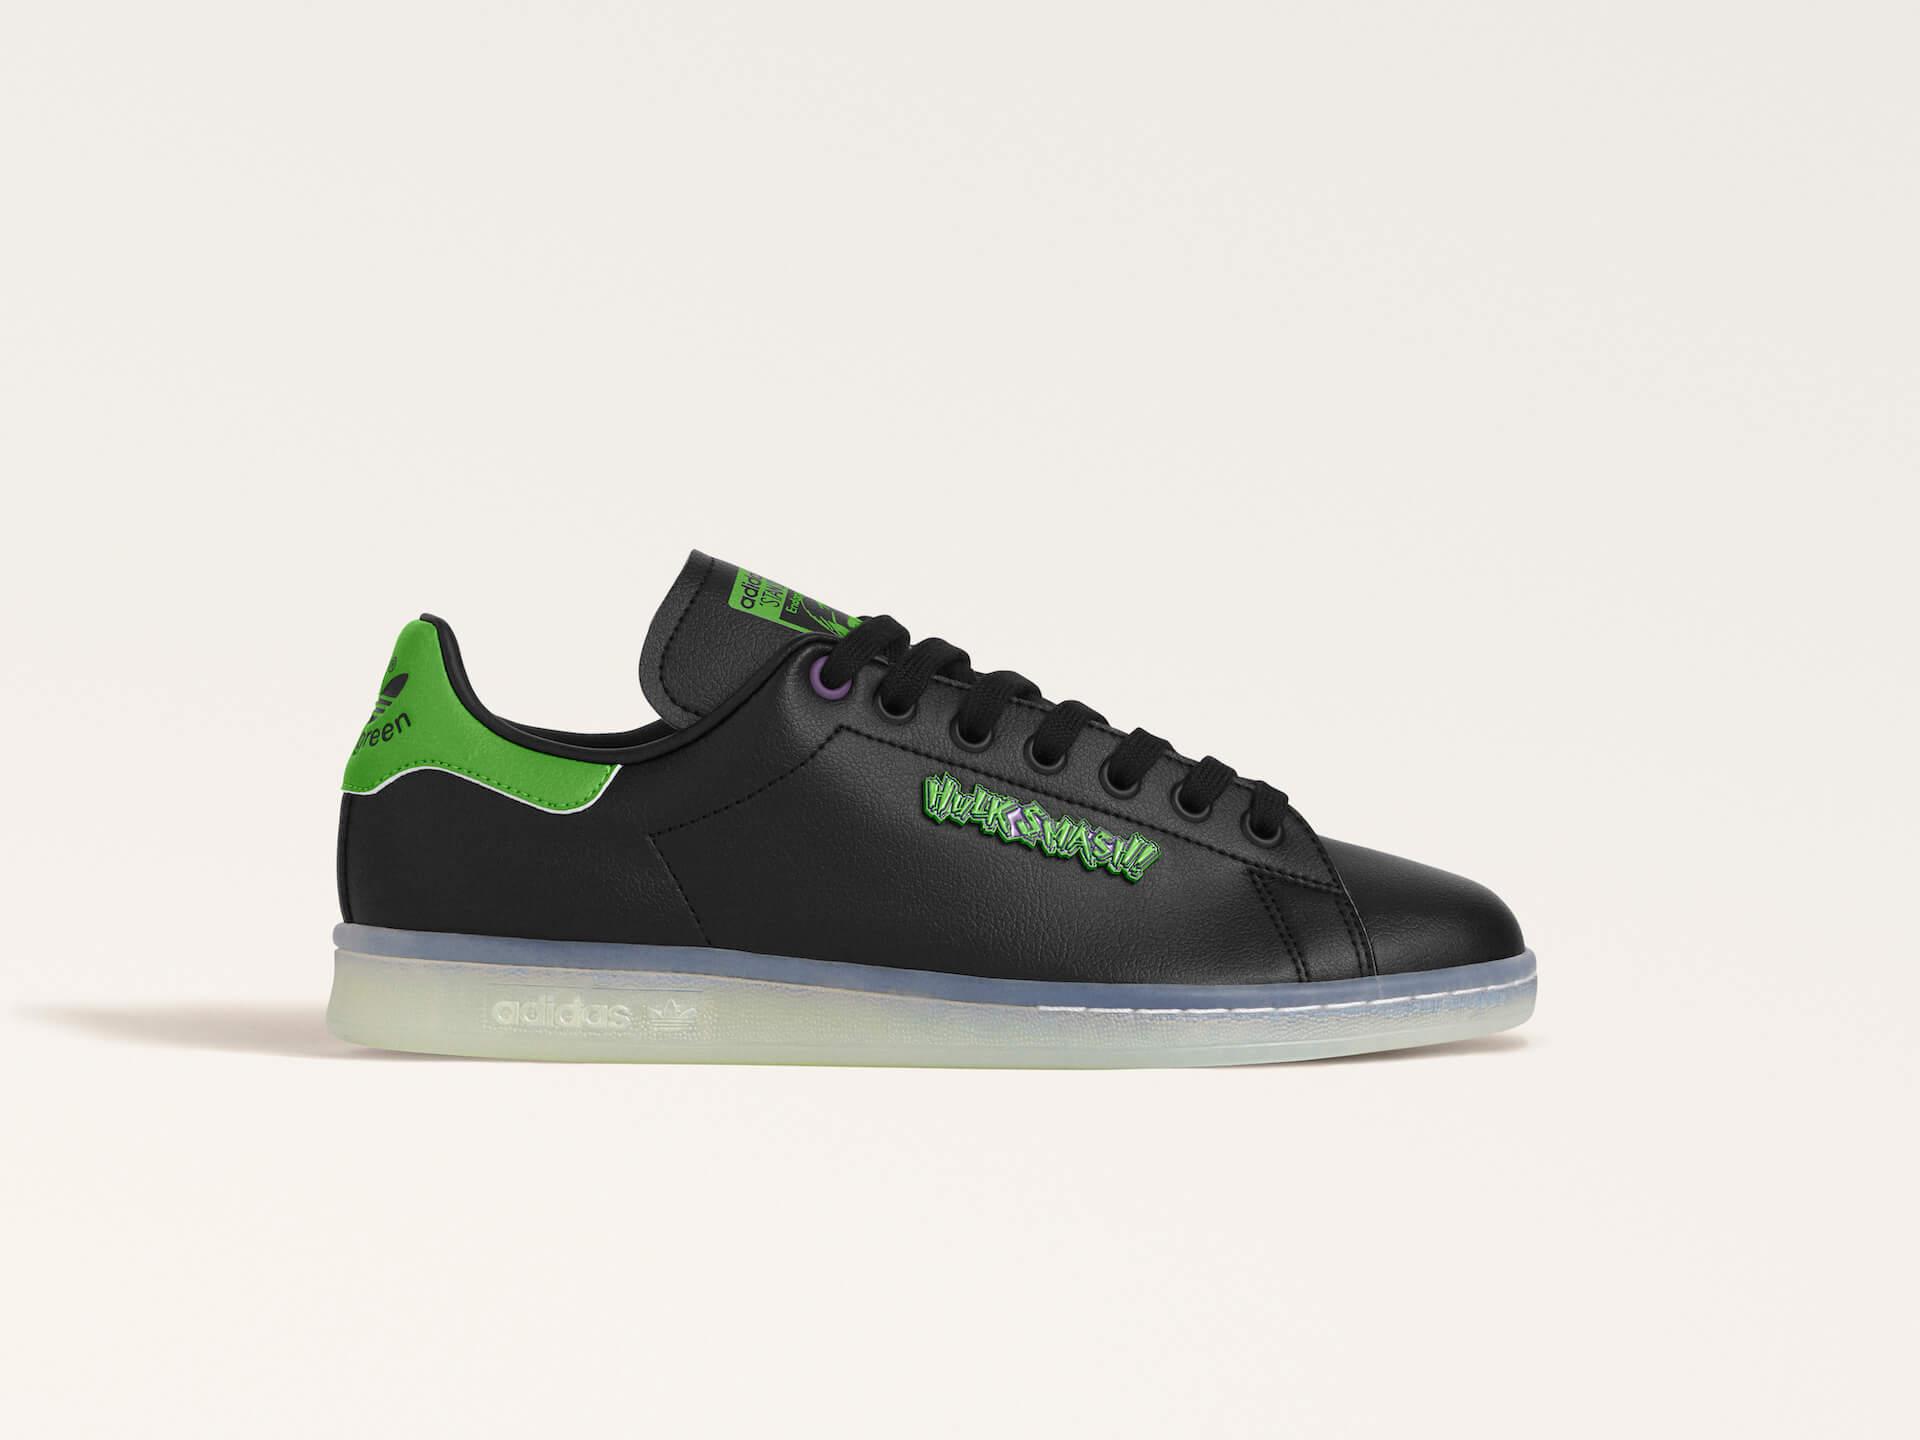 adidas「スタンスミス」のサステナブルコレクションに『モンスターズ・インク』マイク・ワゾウスキやマーベル・ハルクを配したモデルが登場! life210323_adidas_stansmith_17